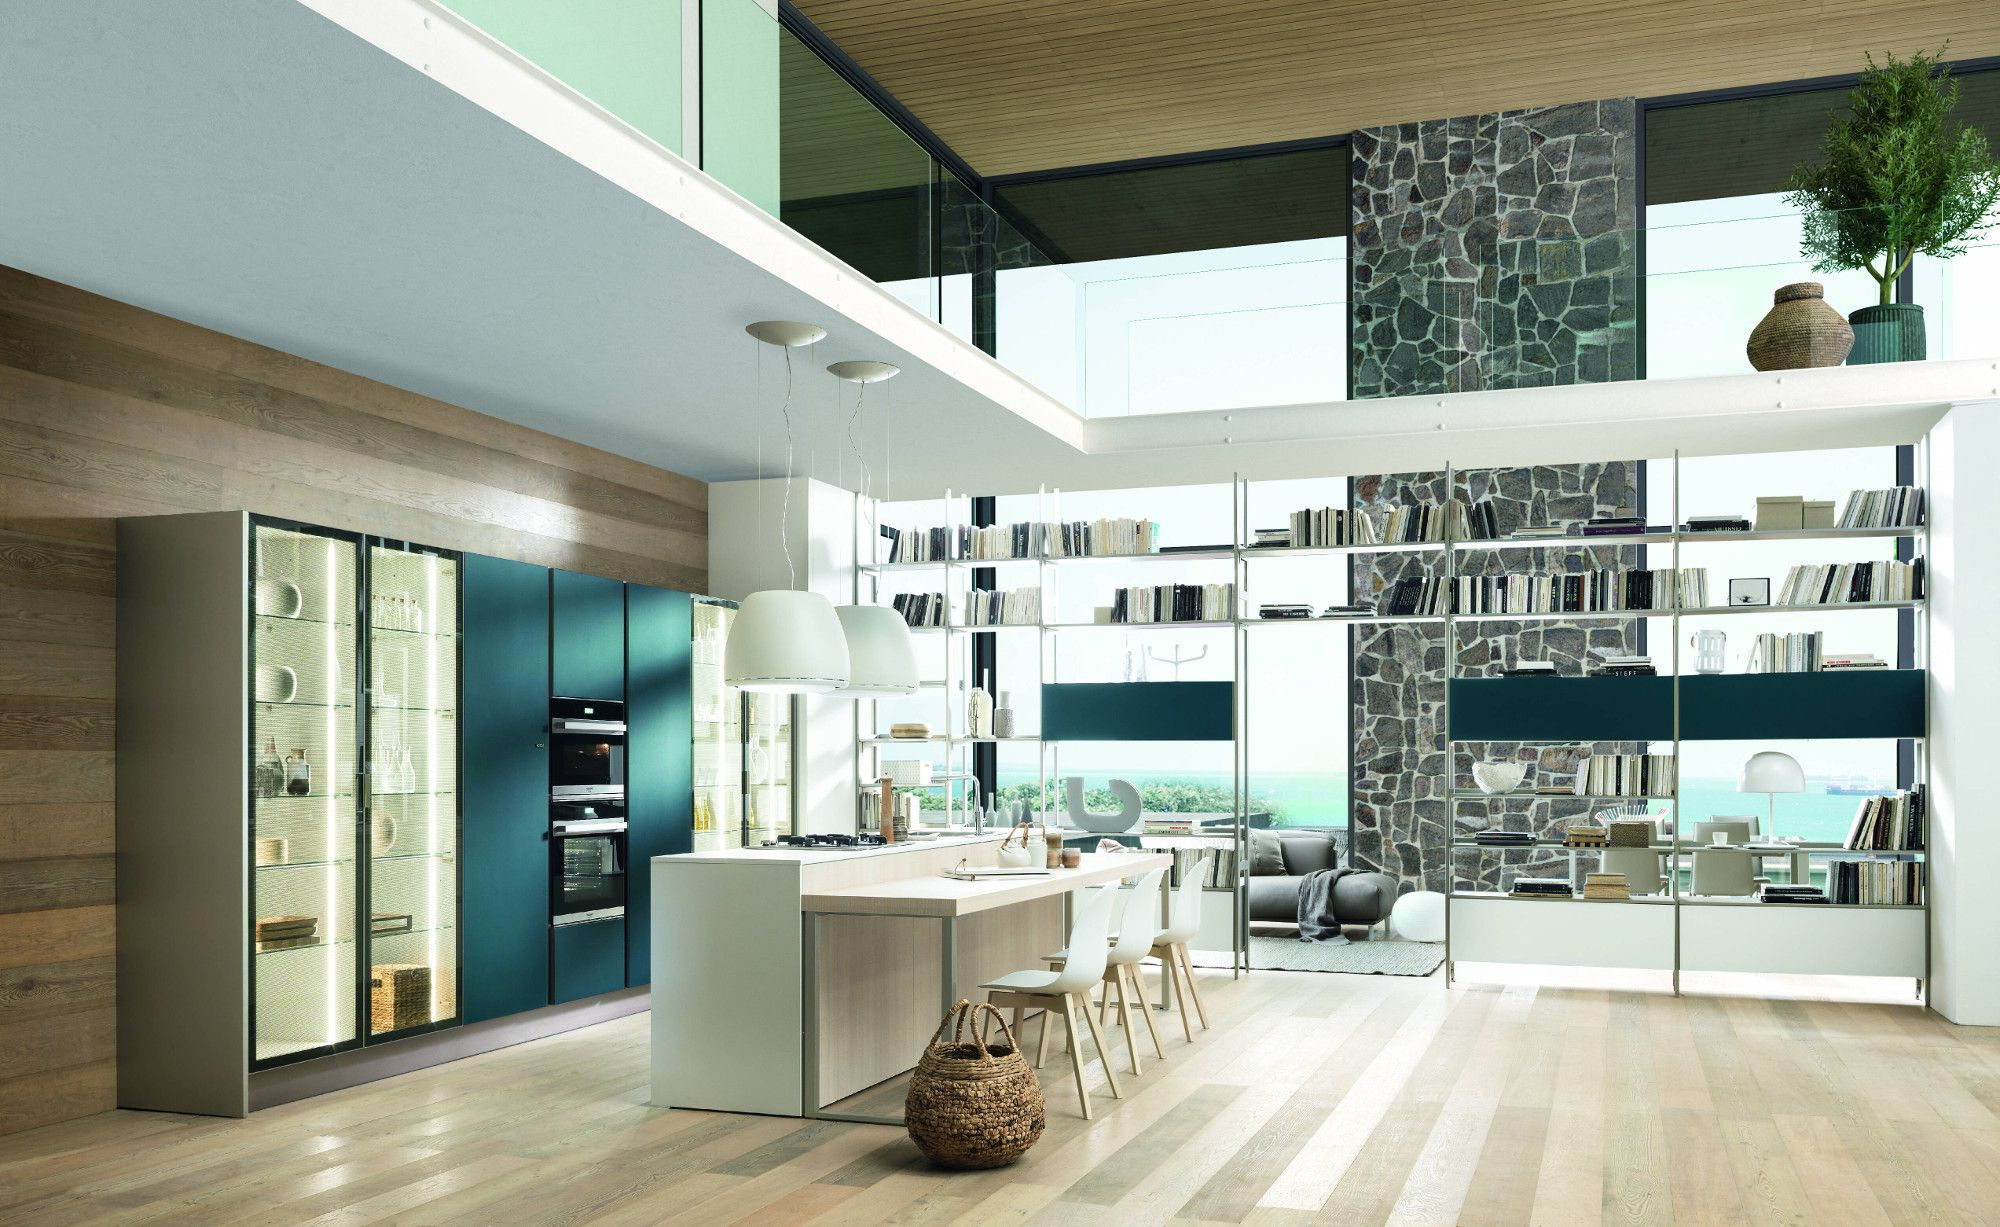 Kaleidos - Cucine Moderne - Cucine - Febal Casa | Kitchen ...